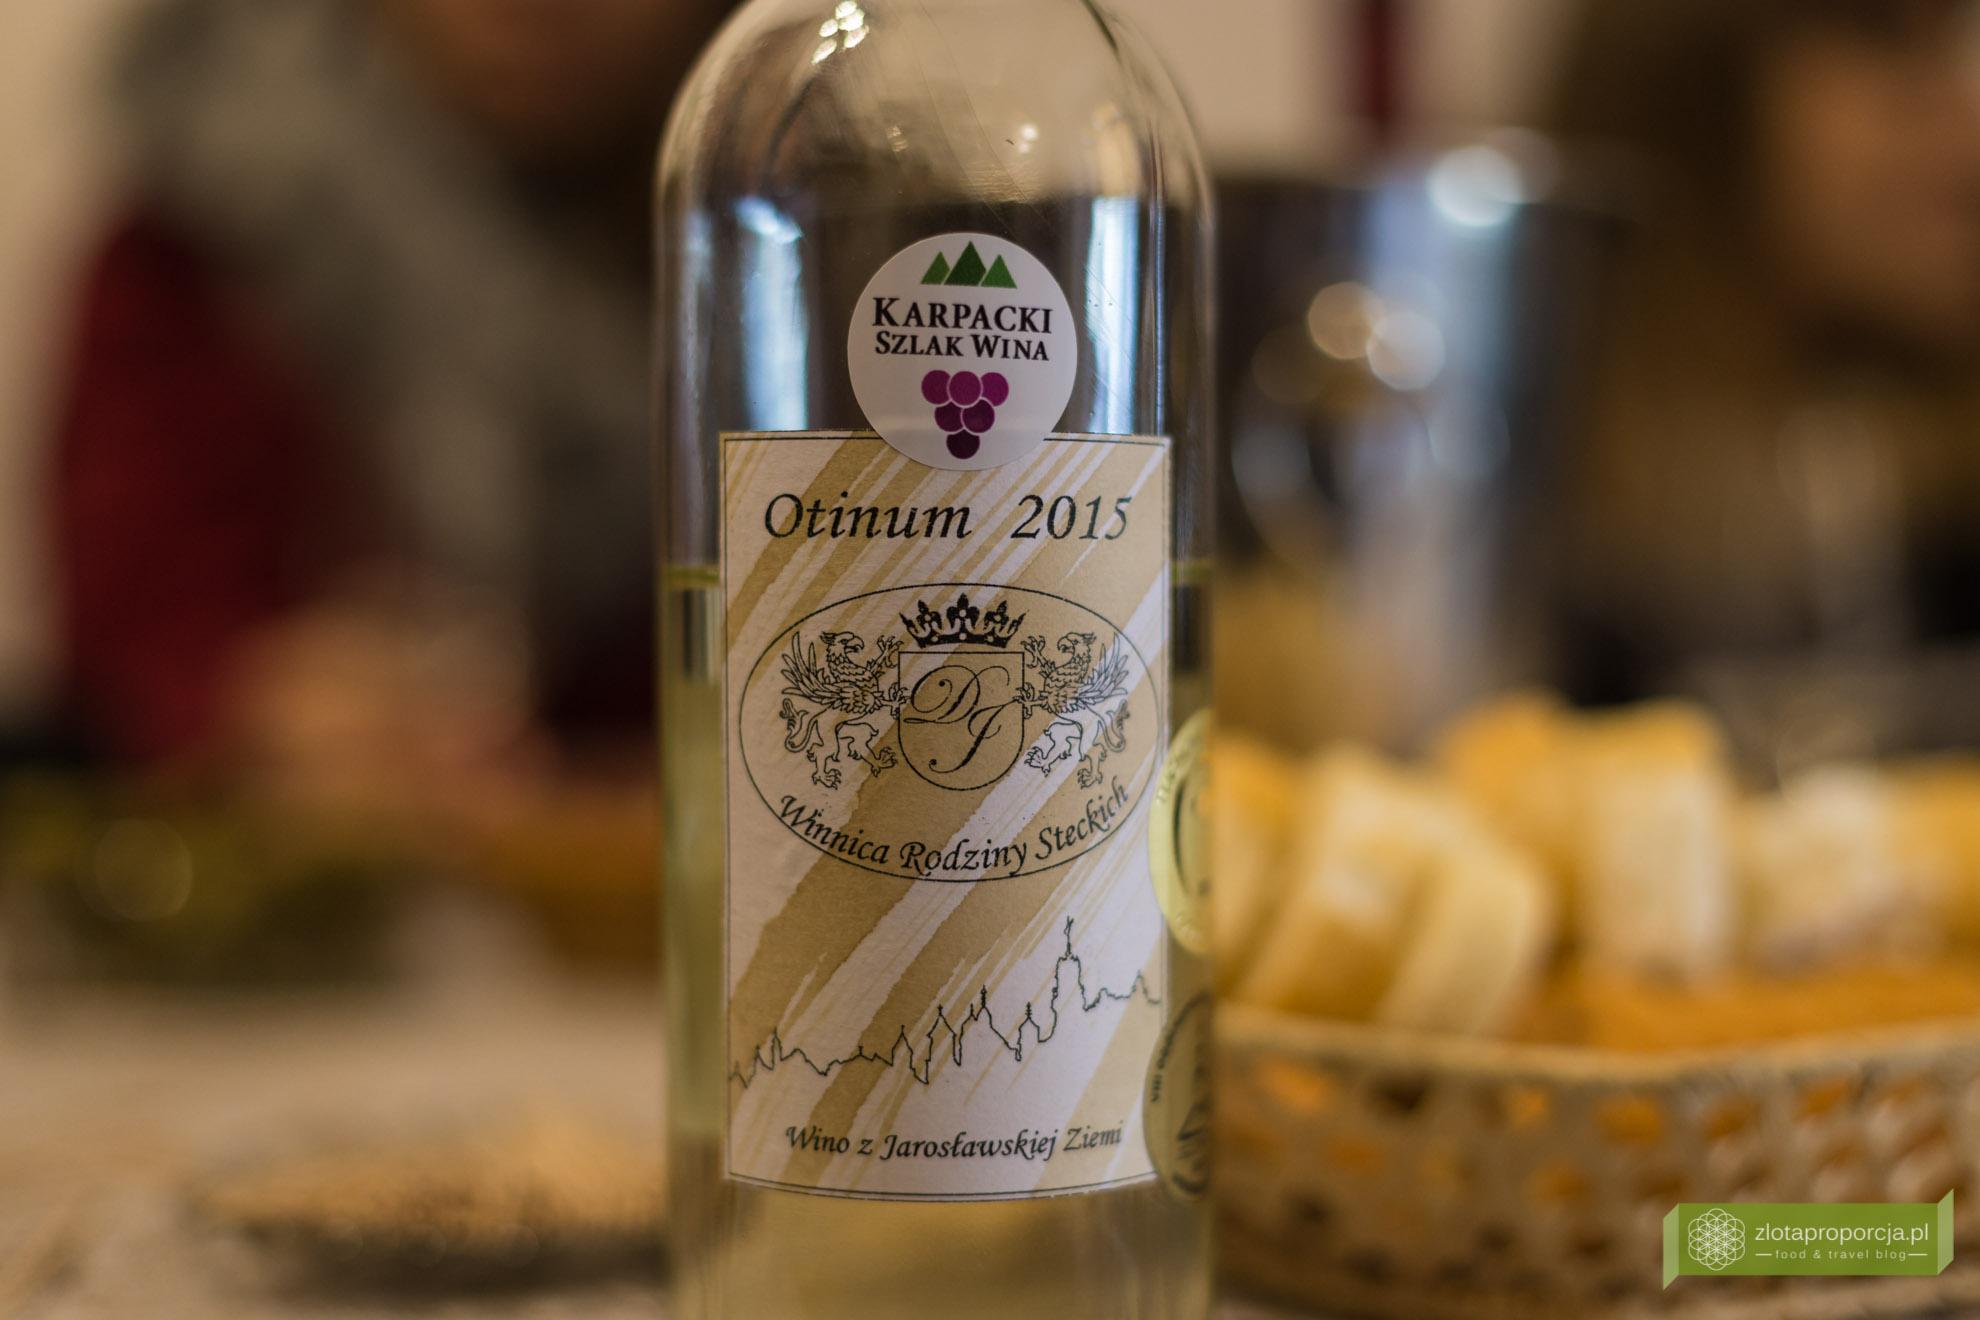 Winnica Rodziny Steckich, Karpacki Szlak Wina, winnice na Podkarpaciu, winnice Podkarpacia,